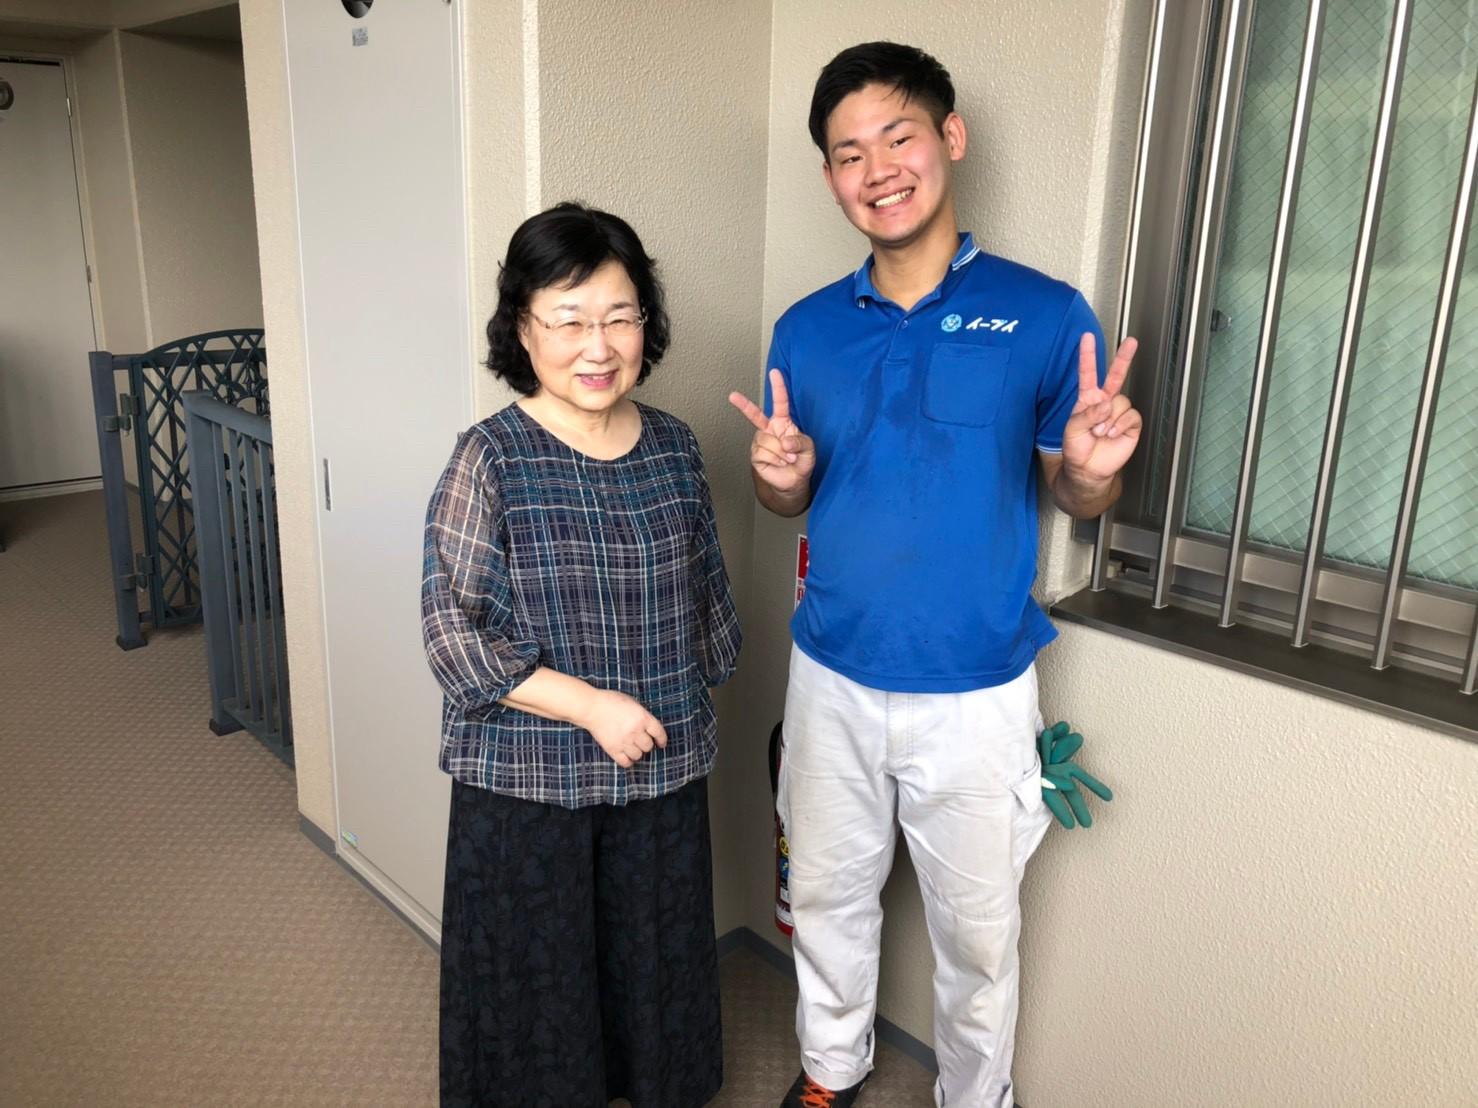 2019年11月26日大阪府大阪市平野区のお客様より、引越に伴った不用品の回収と、タンスやドレッサー等の運搬作業、住まわれて居た搬入先のレンジ等の処分で弊社にご依頼いただいたお客様です。